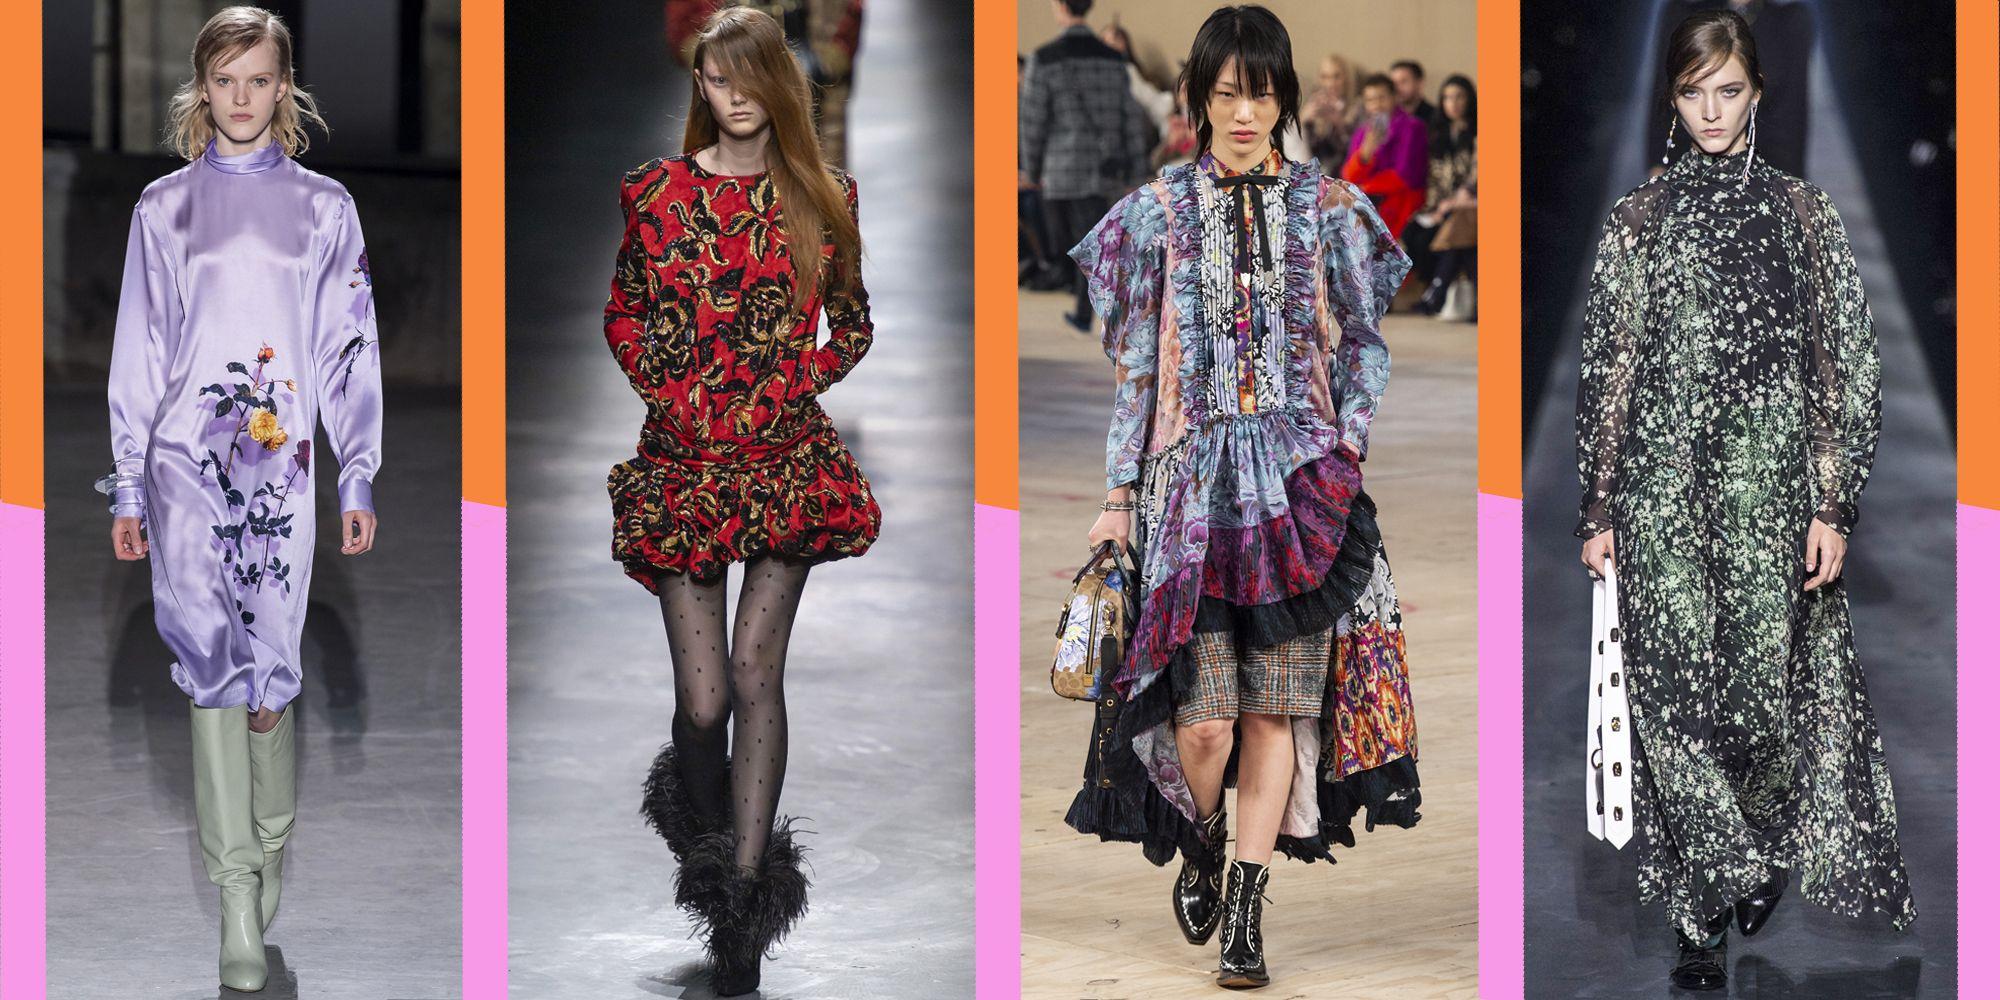 La moda autunno inverno 2019-2020 guarda ai vestiti come chiave di volta dei prossimi look e outfit cool, ma non si tratta di vestiti lunghi e vestiti corti classici, in mezzo ci sono stampe incredibili e dettagli couture.